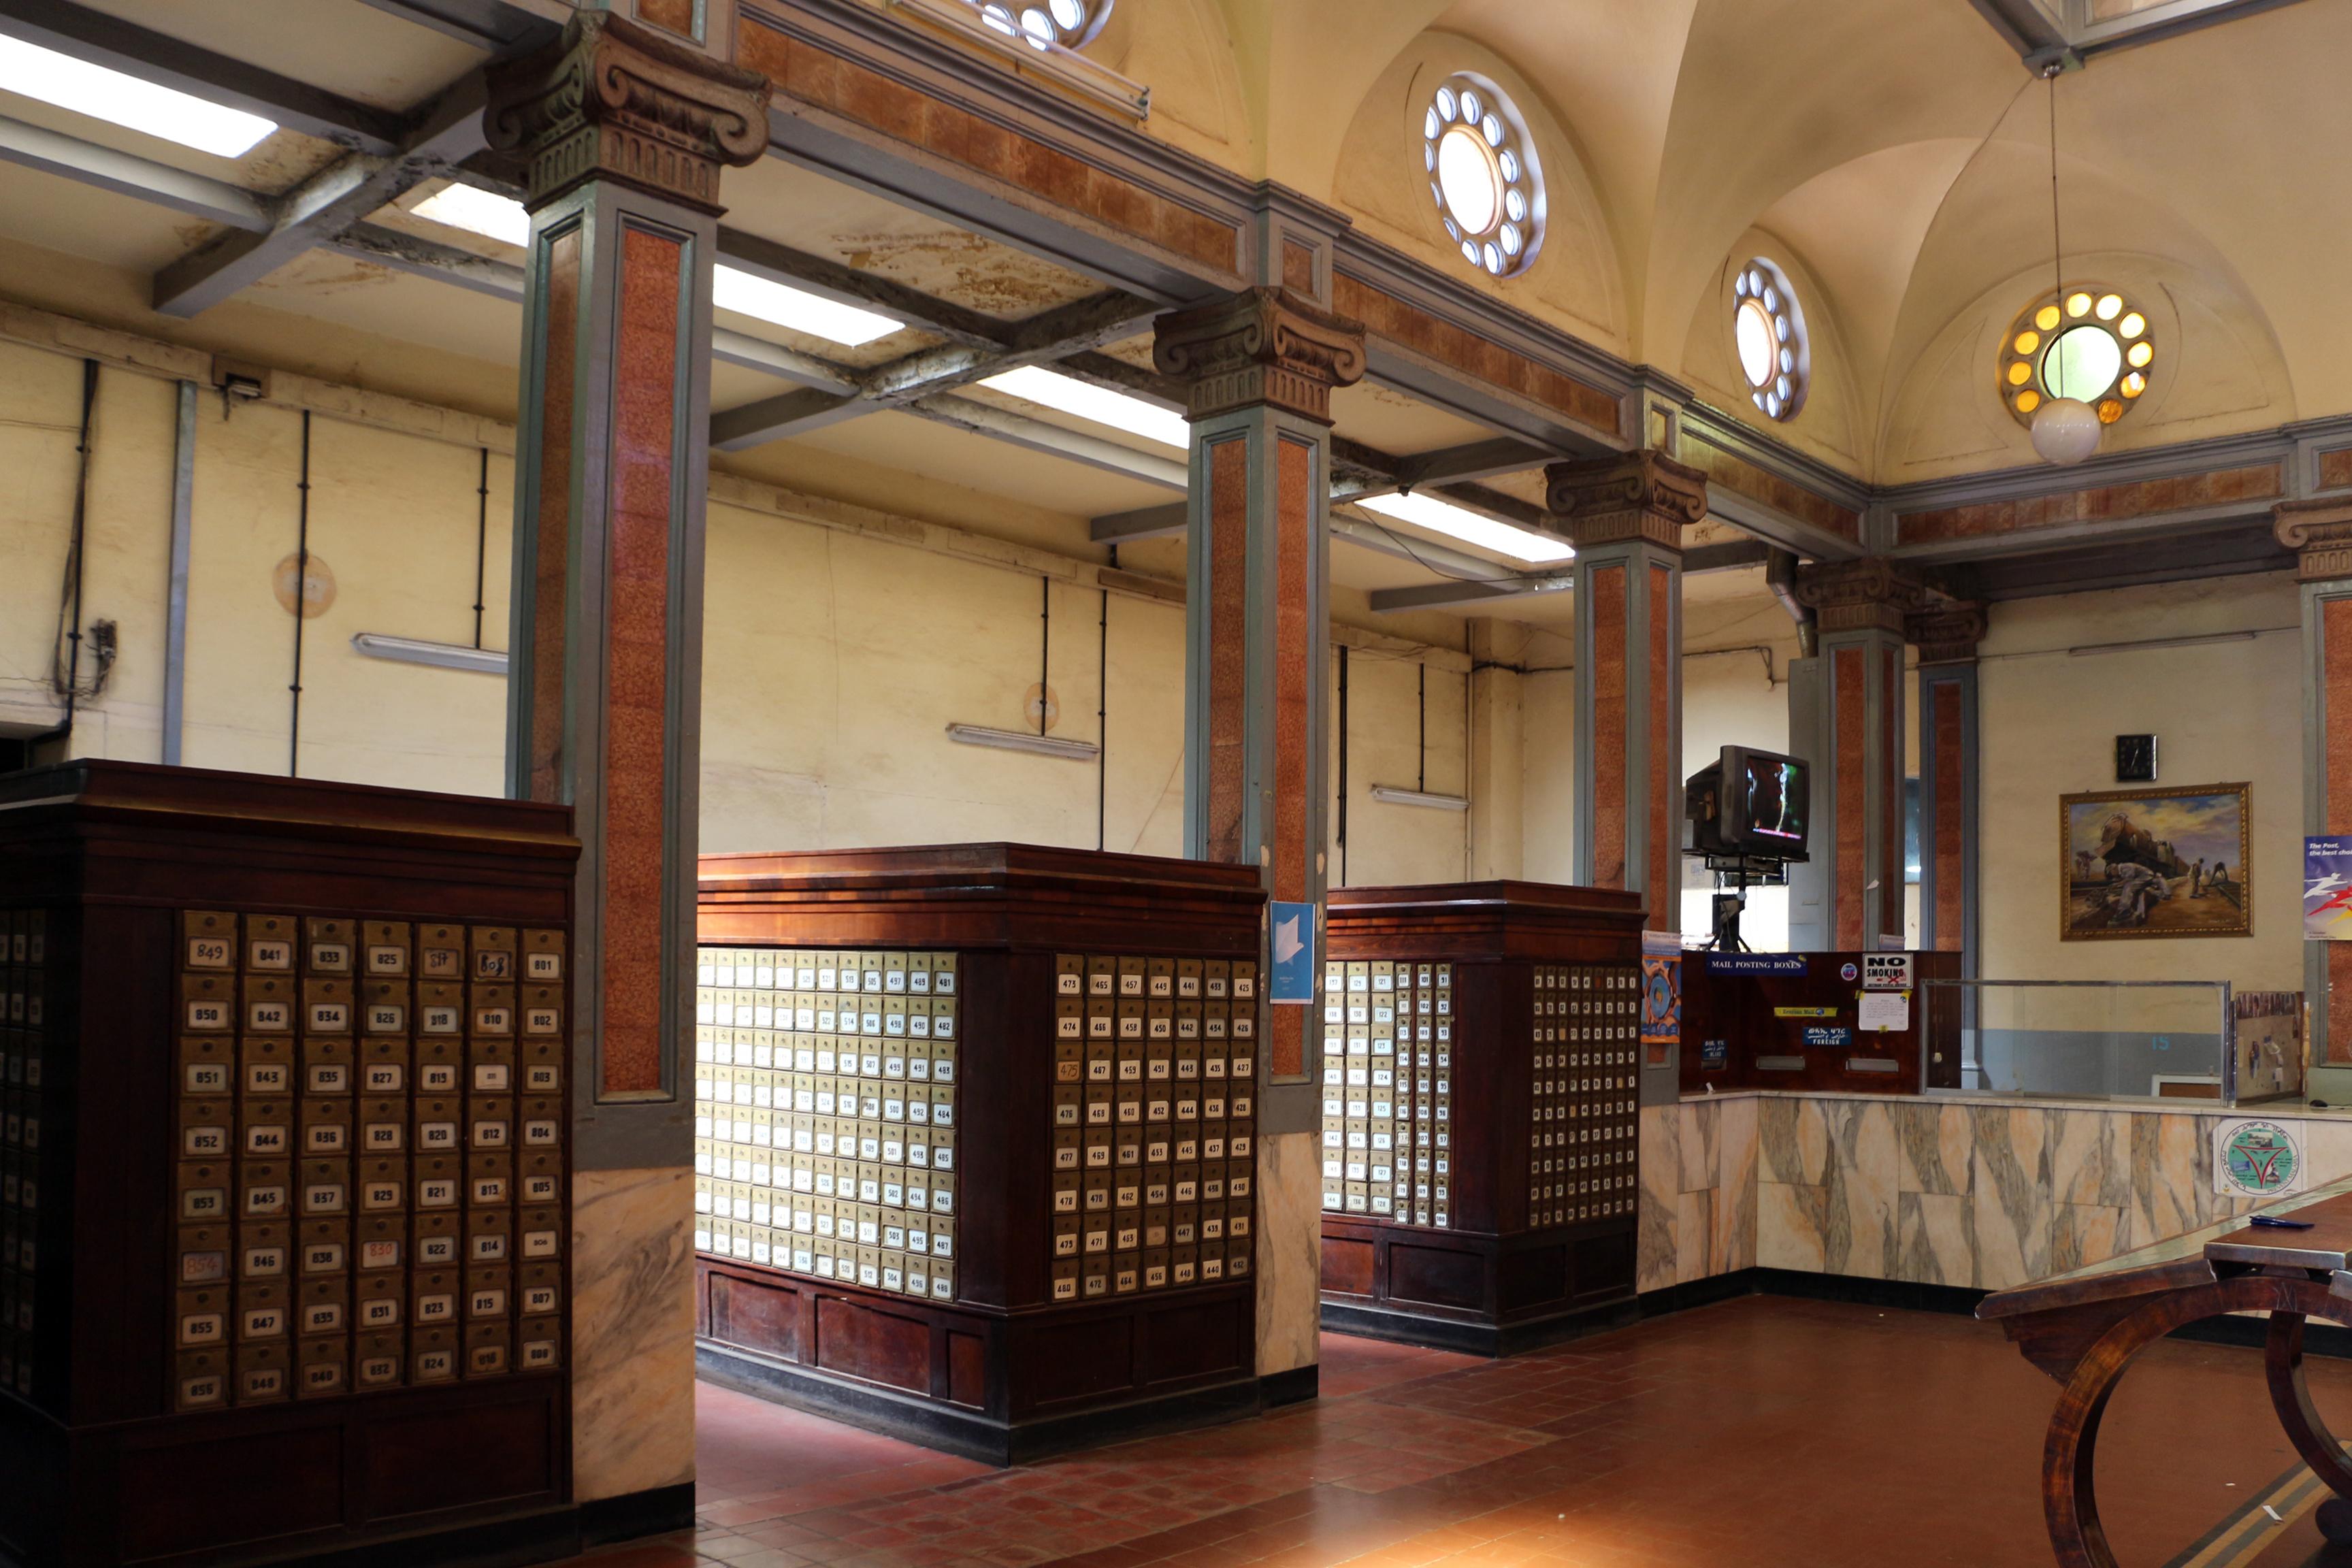 Ufficio Wikipedia : File:asmara ufficio postale interno 04.jpg wikimedia commons